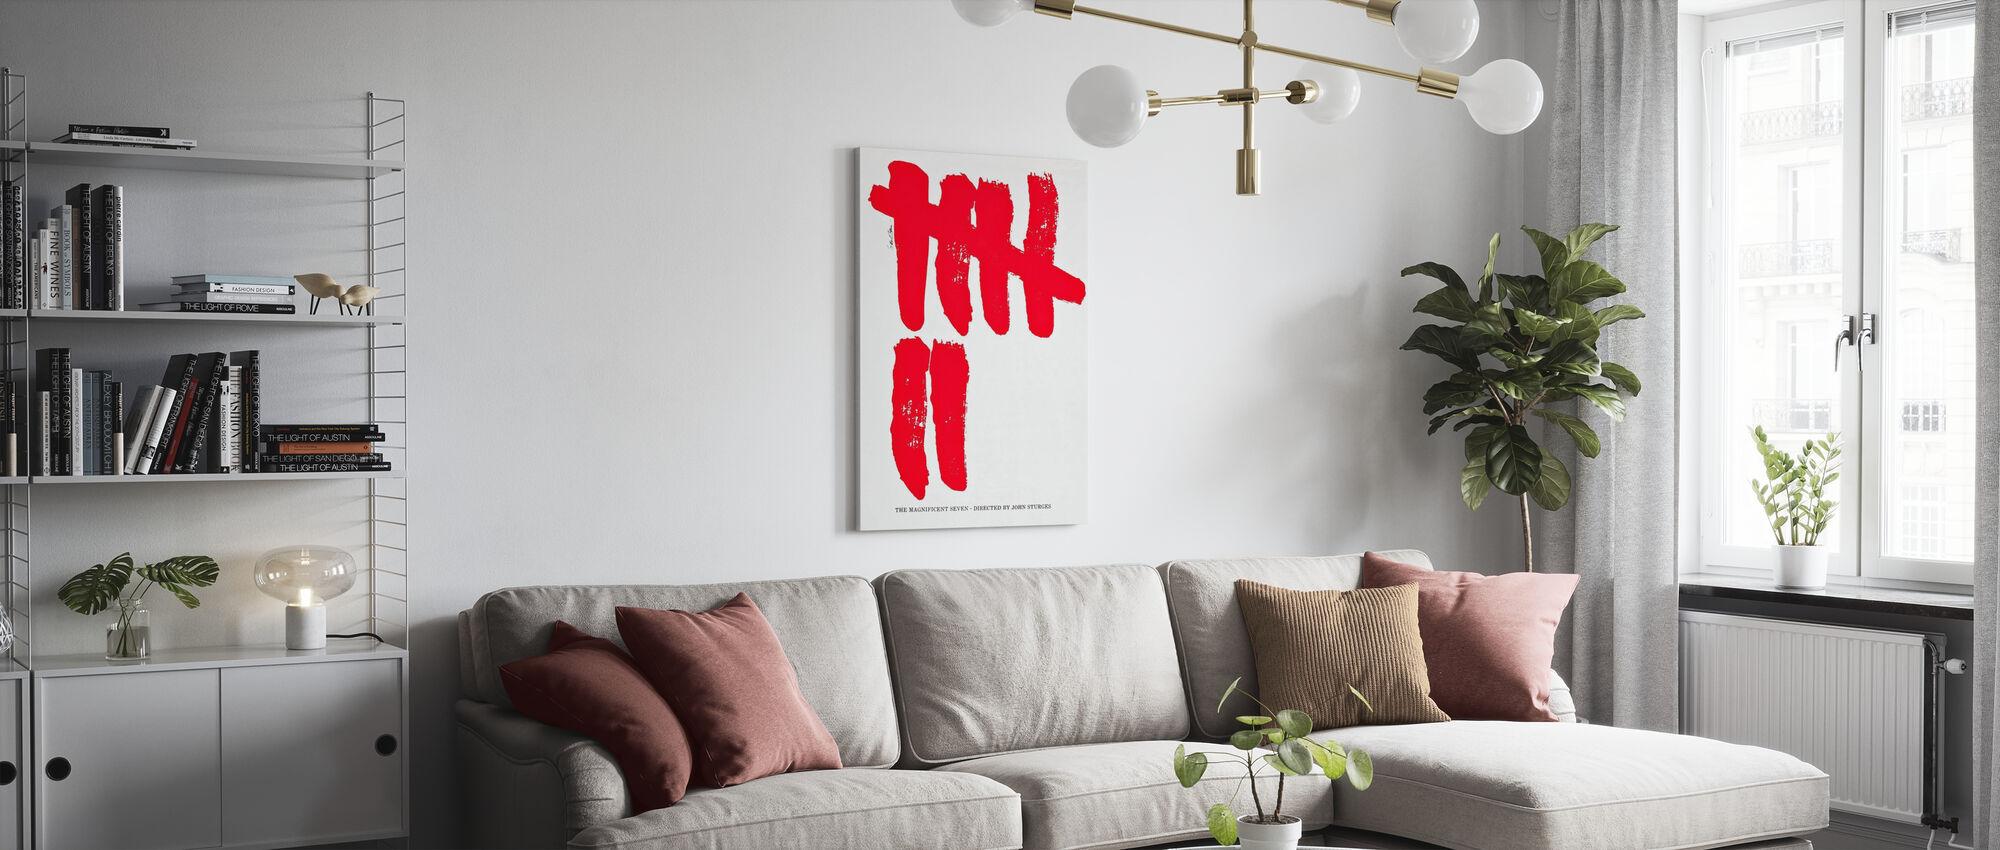 Magnificent Seven - Canvas print - Living Room